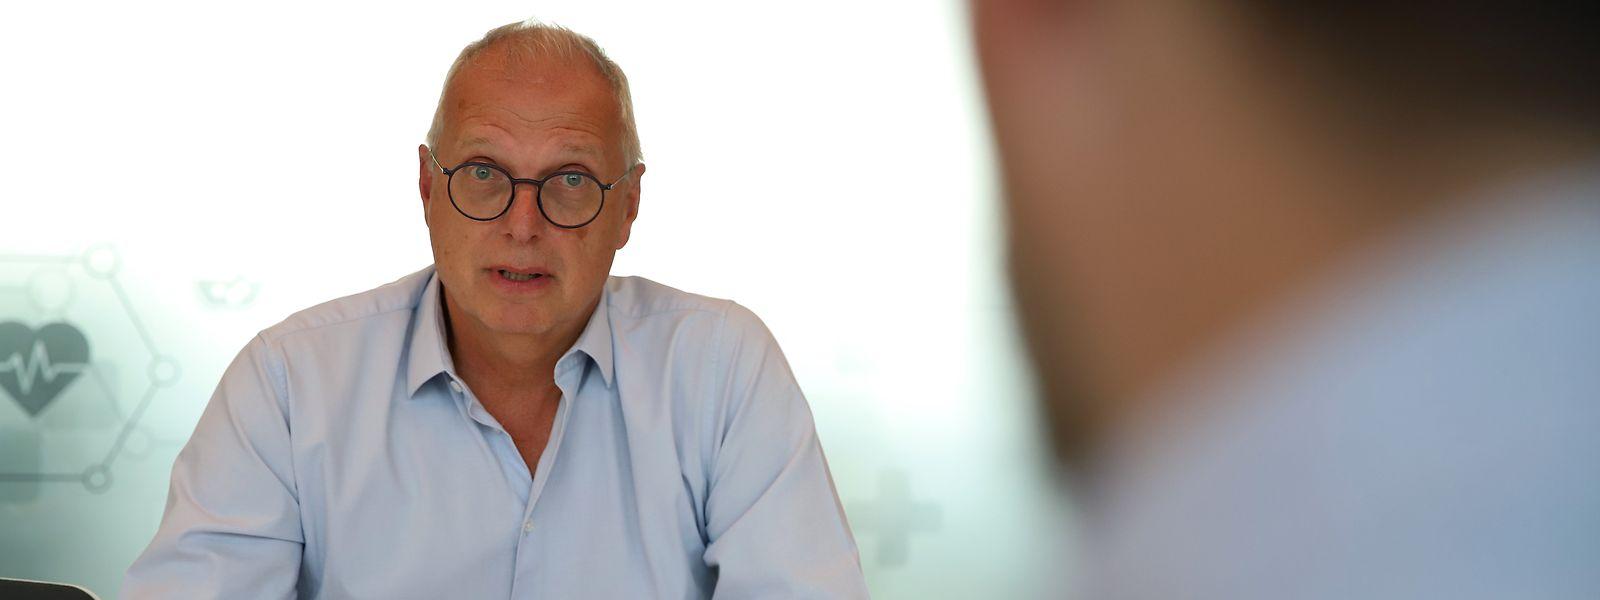 Pour le Dr Jean-Claude Schmit, directeur de la Santé, «le bout du tunnel de la pandémie est proche», même si le virus continuera de circuler.